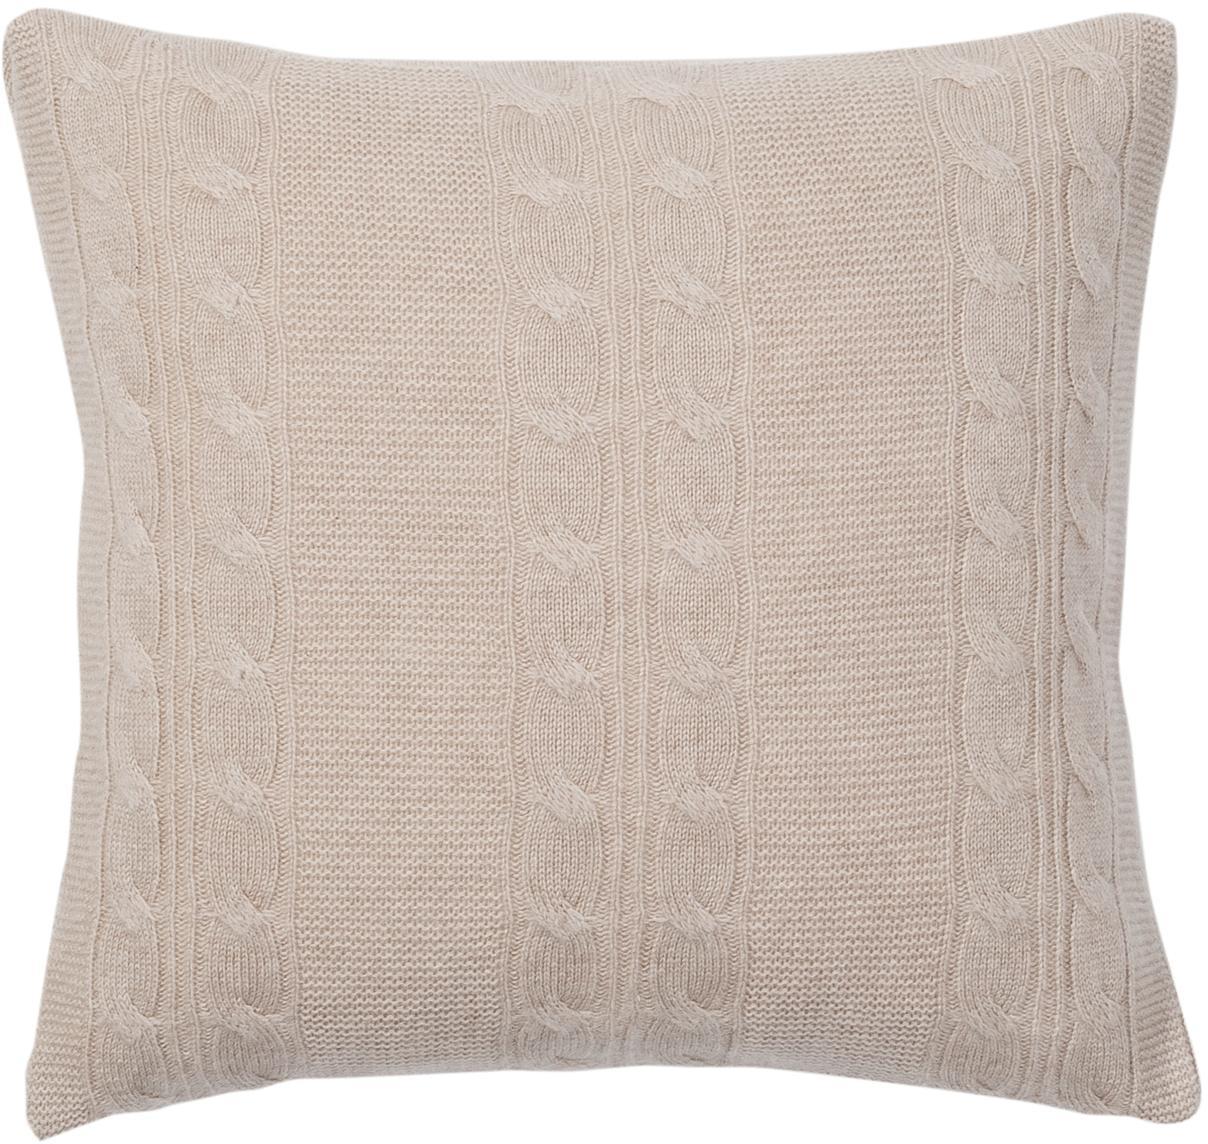 Reine Kaschmir-Kissenhülle Leonie mit Zopfmuster, 100% Kaschmir Kaschmir ist besonders weich, angenehm und wärmend, Taupe, 40 x 40 cm